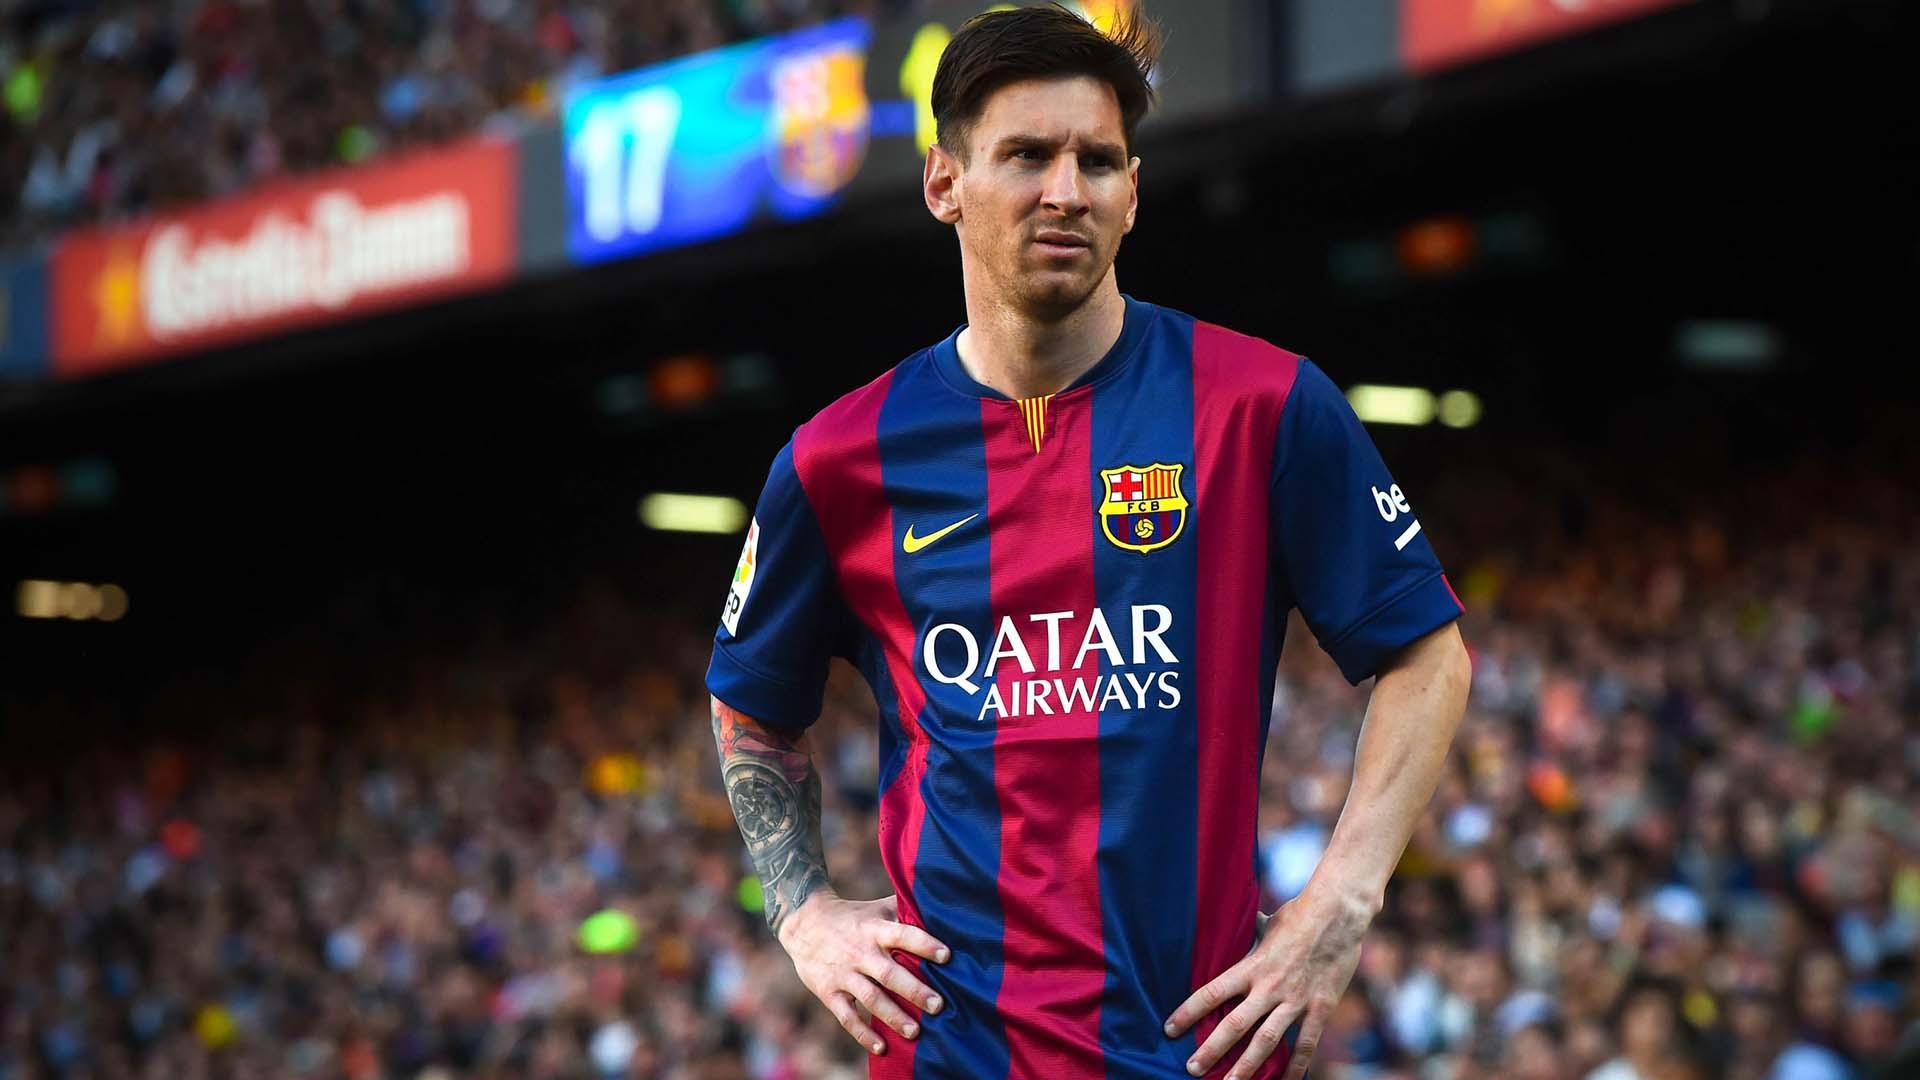 camisa mais bonita do barcelona